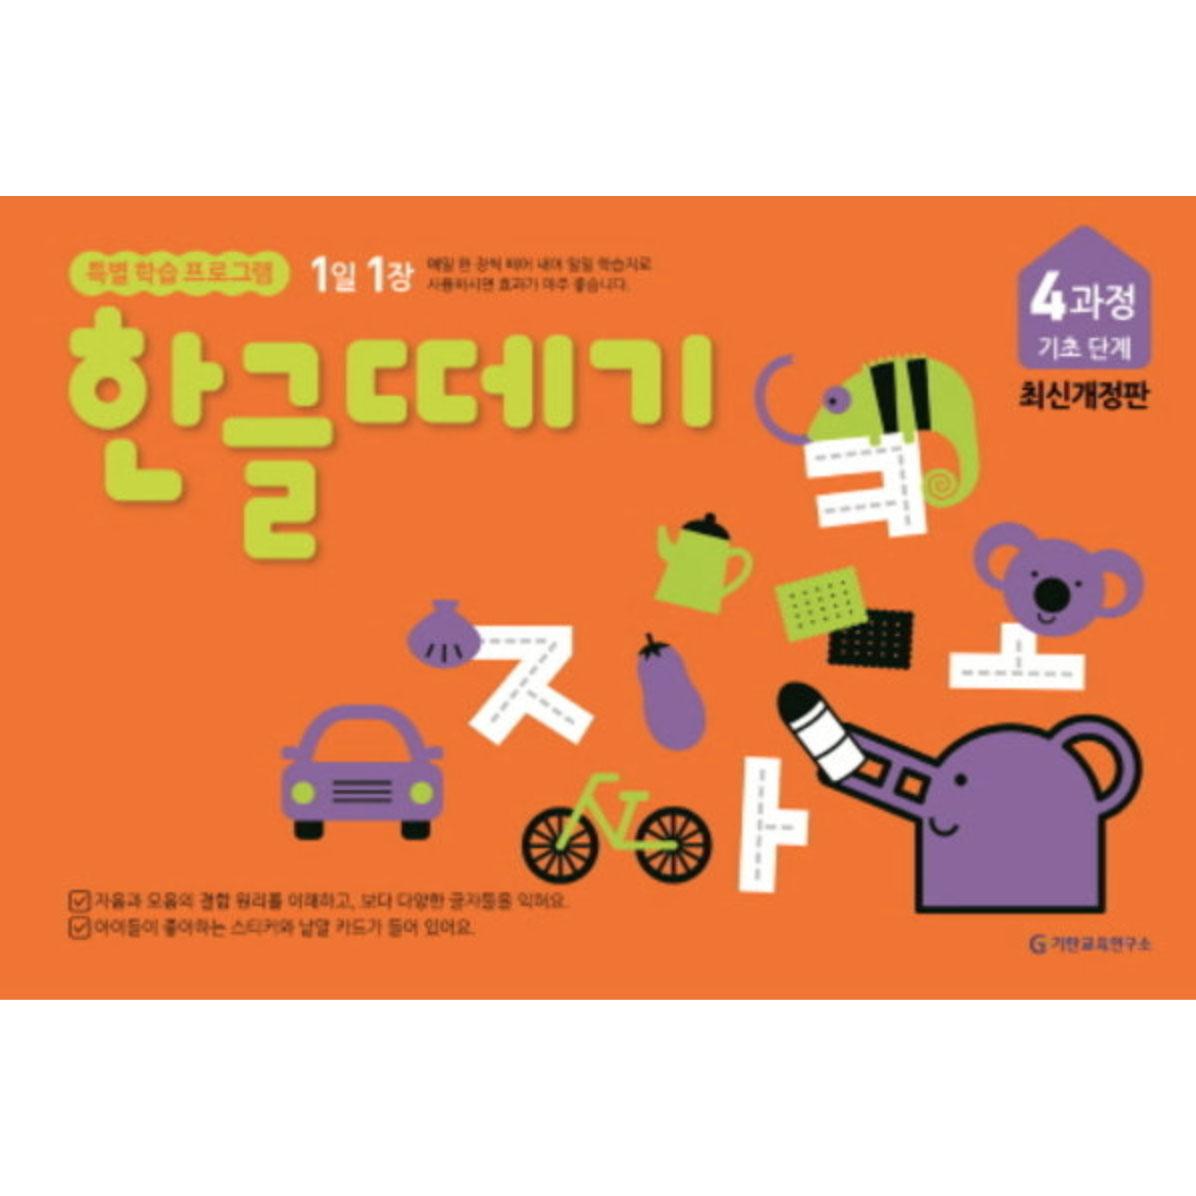 [기탄출판] 1일 1장 한글떼기 – 4과정